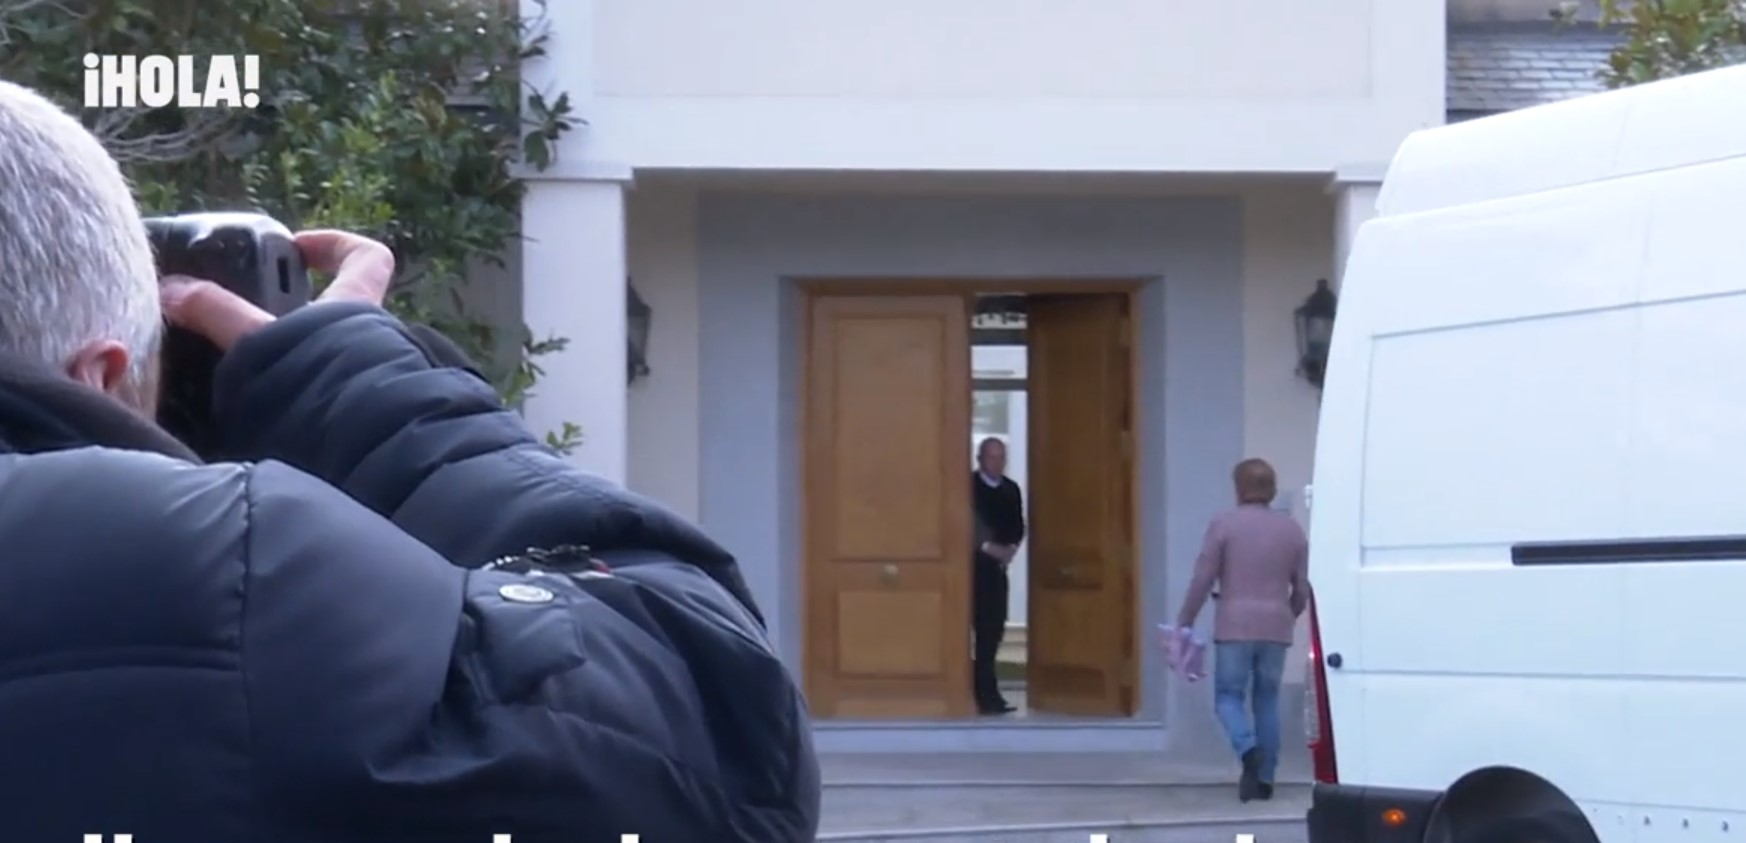 edmundo en la puerta